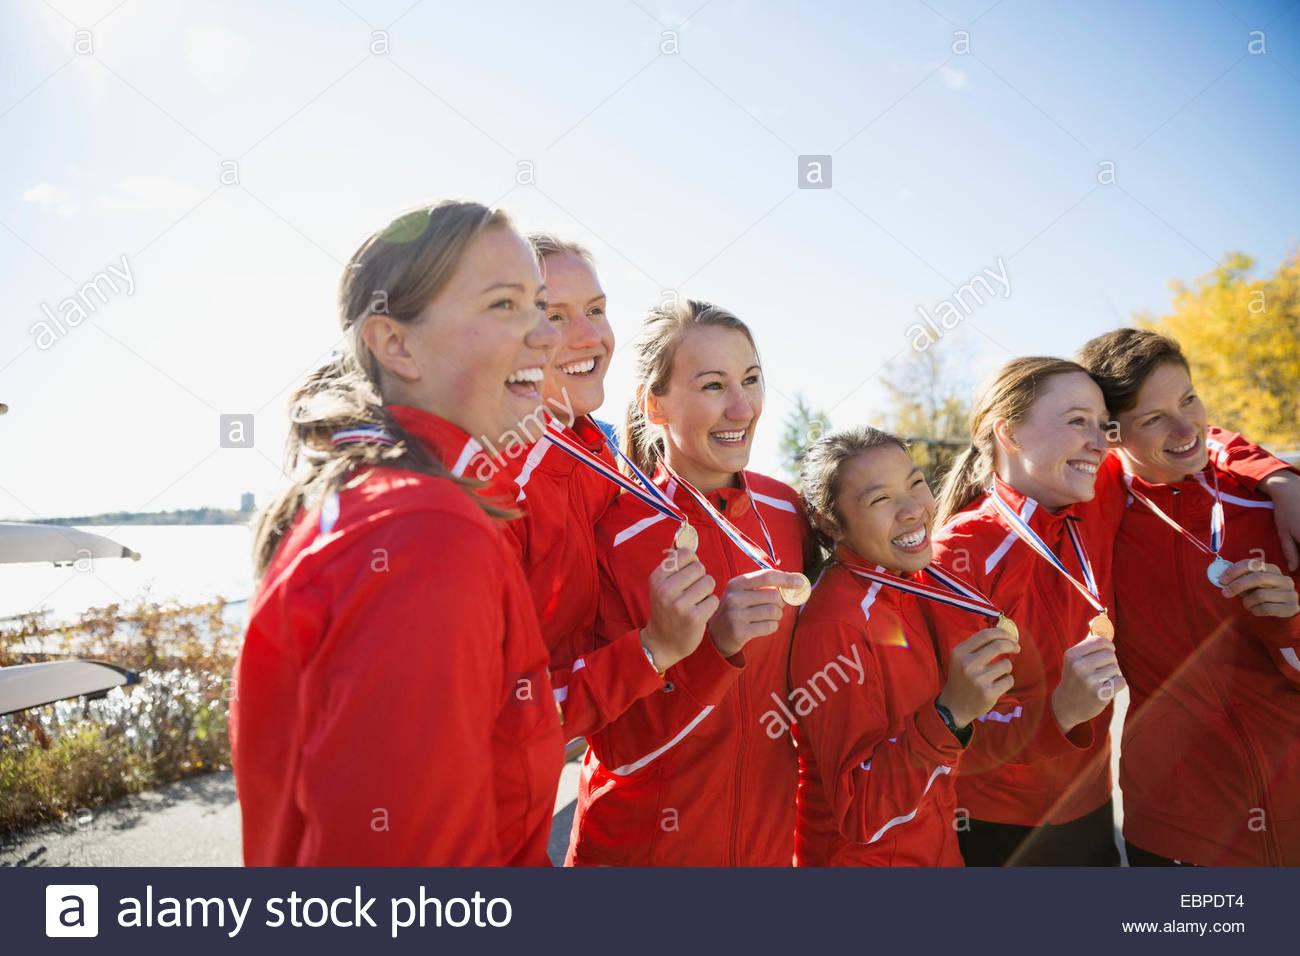 Il team di canottaggio con medaglie celebrando Immagini Stock